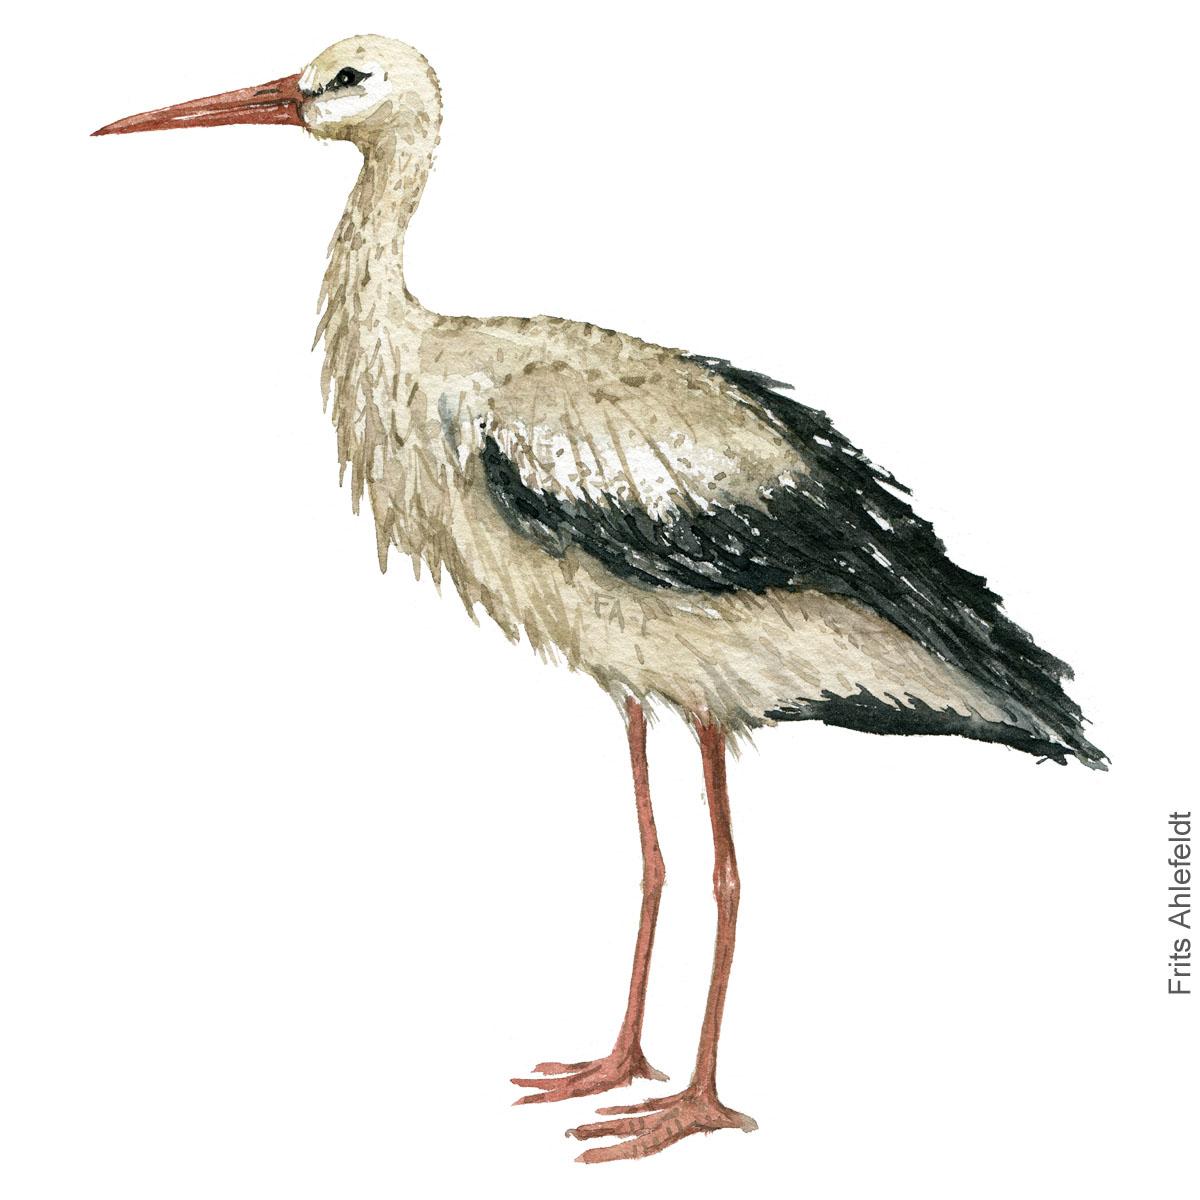 White stork, hvid stork akvarel. Watercolor painting by Frits Ahlefeldt